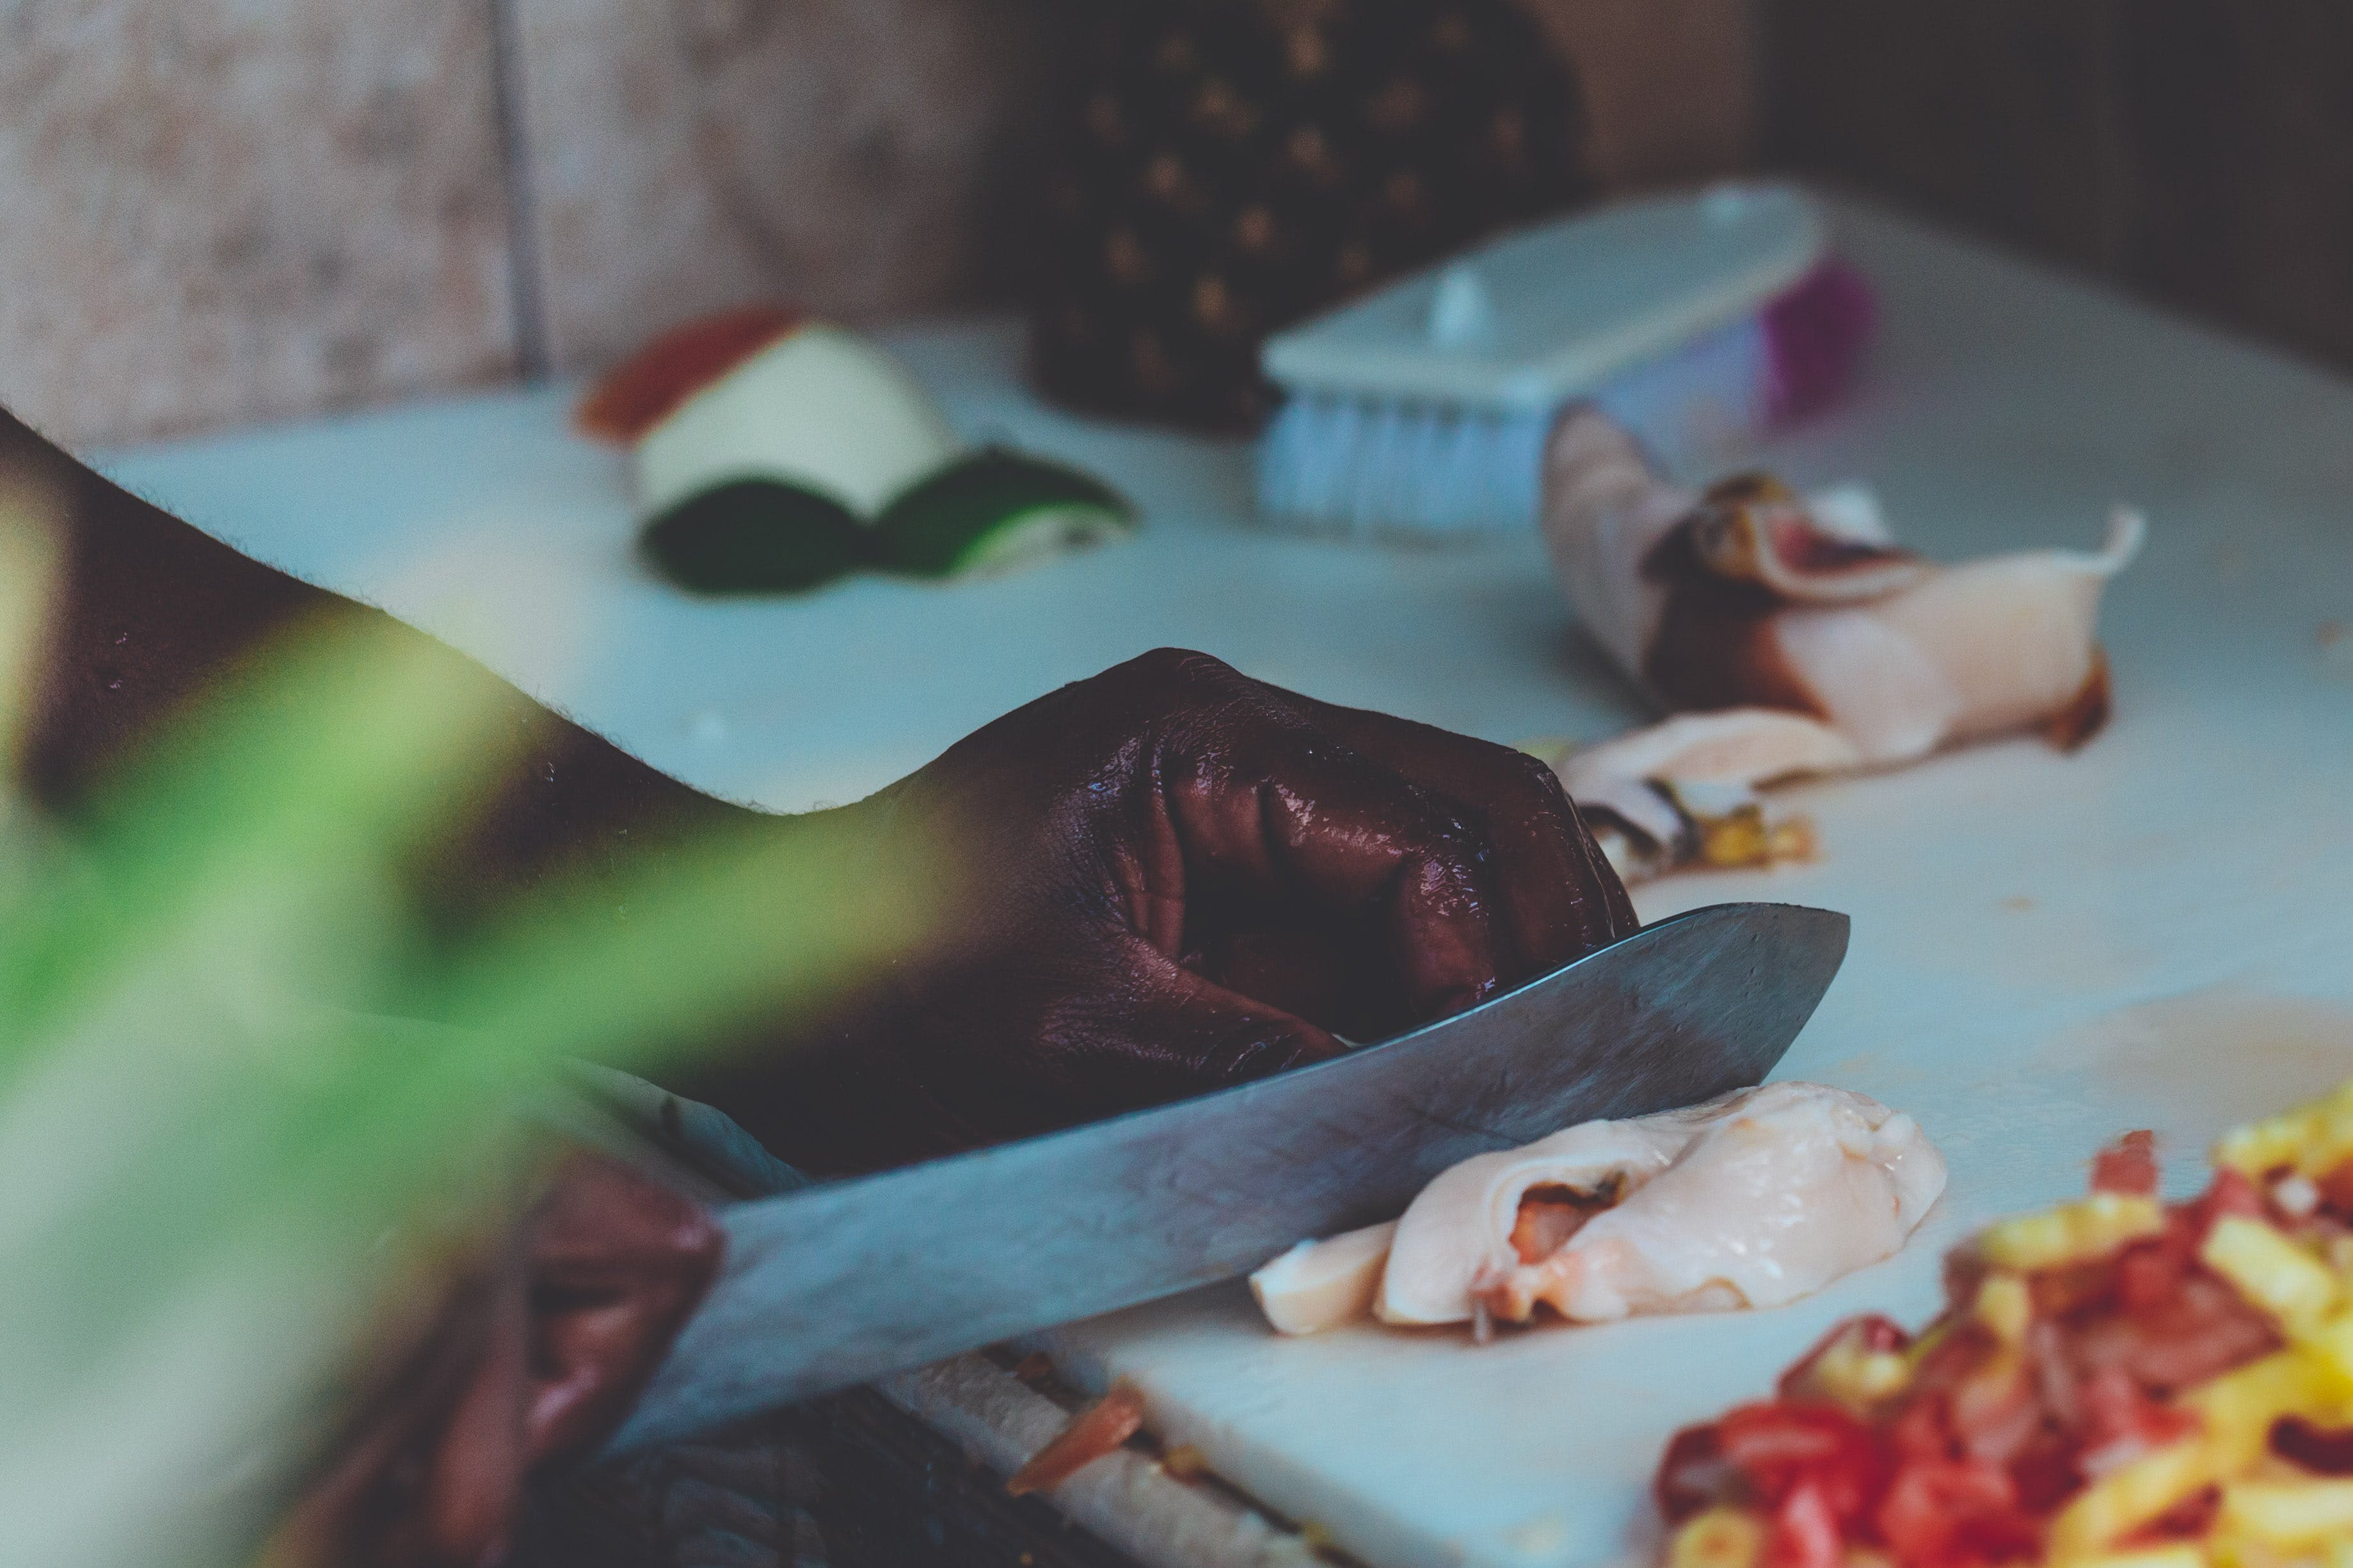 Free stock photo of Bahamas, bahamian, Bahamian food, black